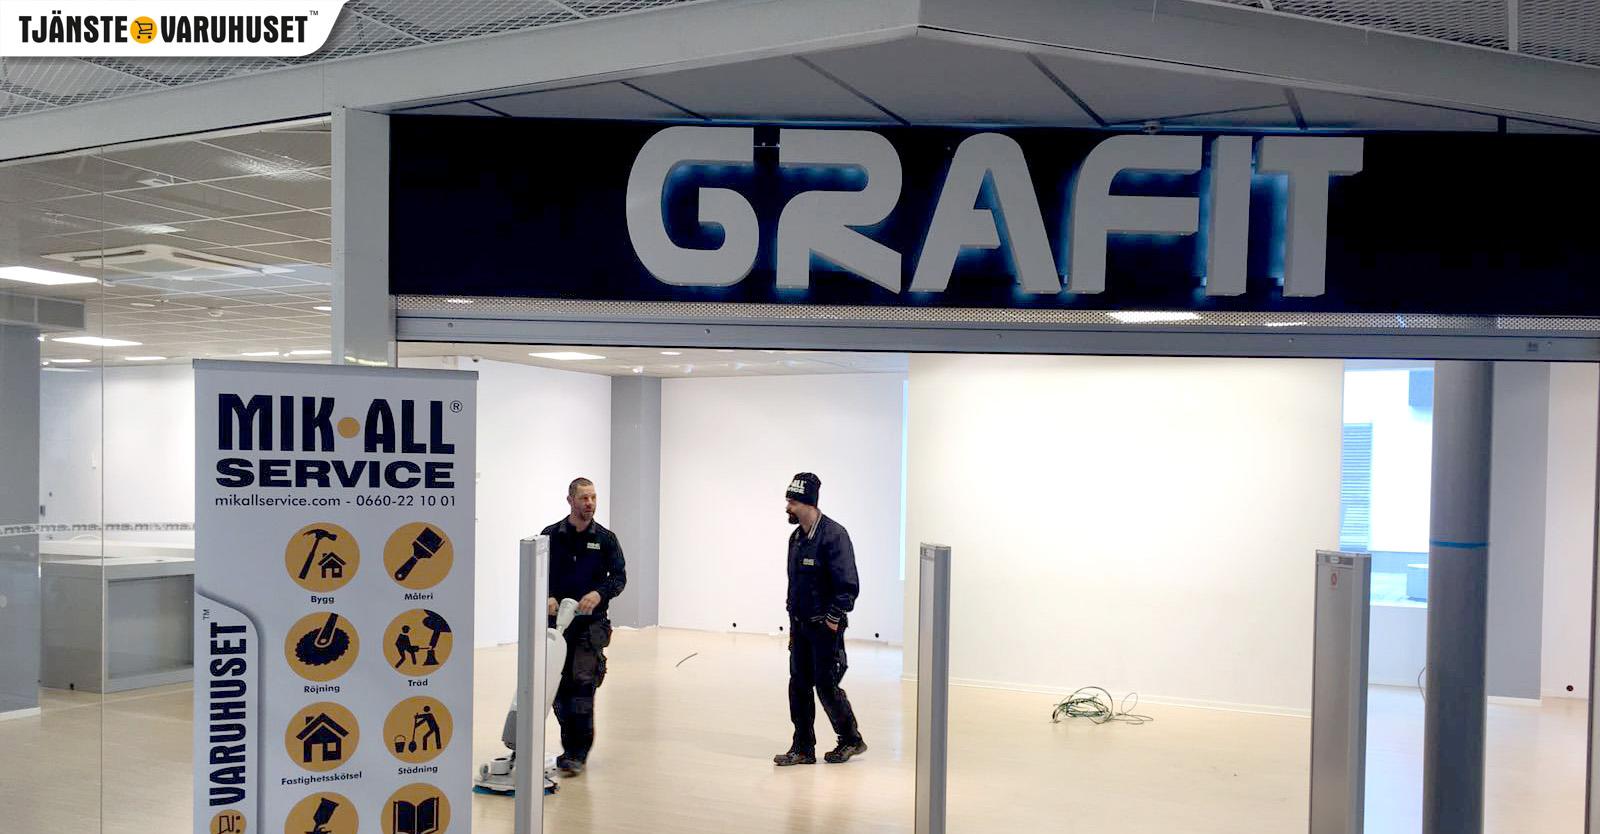 Utstädning på Grafit i Örnsköldsvik, MIK ALL Service AB Städfirma